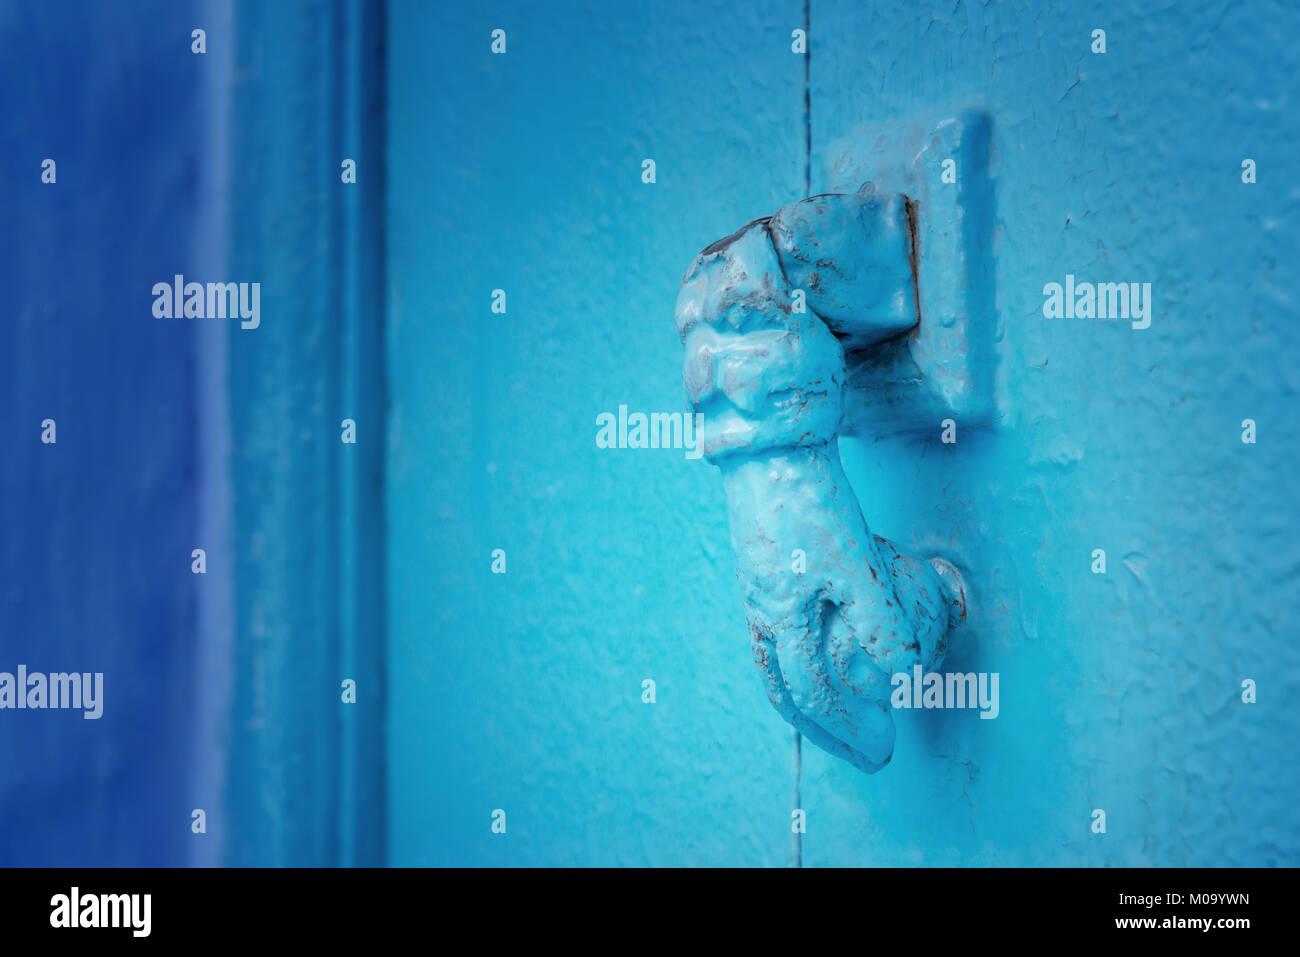 Eiserne Tür griff in die Form einer Hand an einem blauen Holz-, marokkanische Tür in Zirl. Stockbild